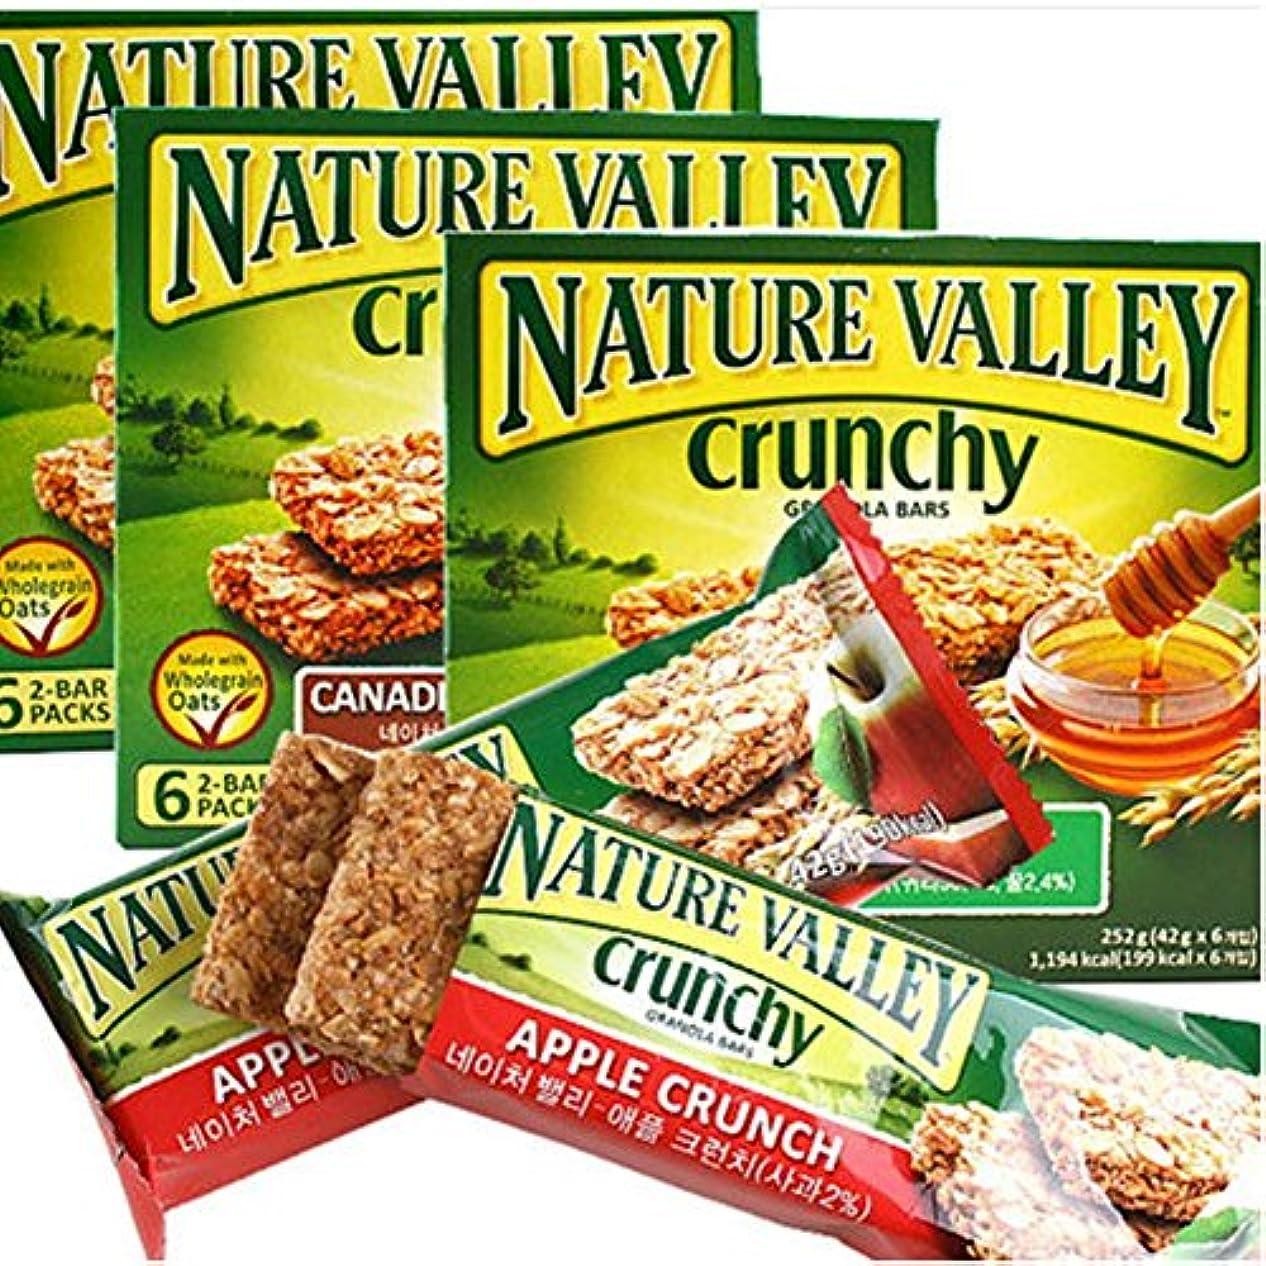 叫ぶデッキところで[ネイチャーバレー/Nature Valley] CANADIAN MAPLE SYRUP/ネイチャーバレークランチグラノーラバー42g5パックx3 Box - メープルシロップ(合計15袋)穀物バー/シリアル/栄養のバー...